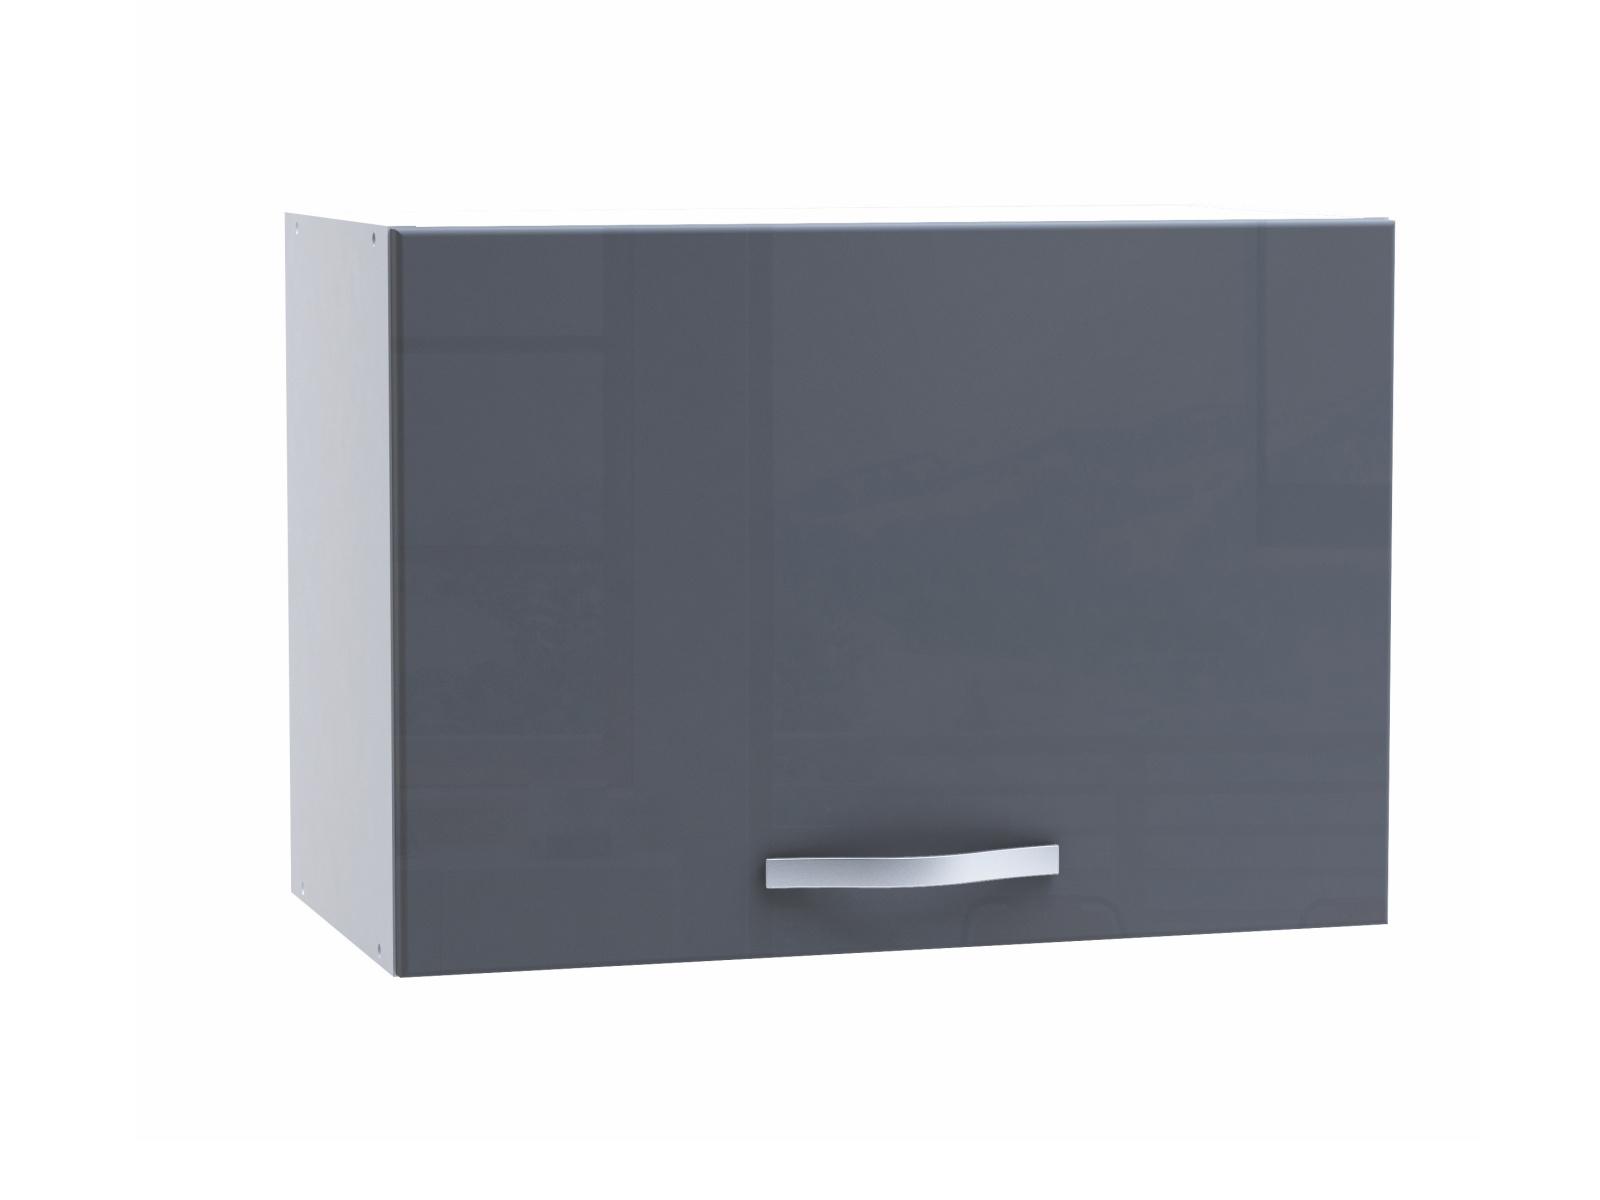 SPACY, skříňka výklopná 60 cm, bílá/šedý lesk